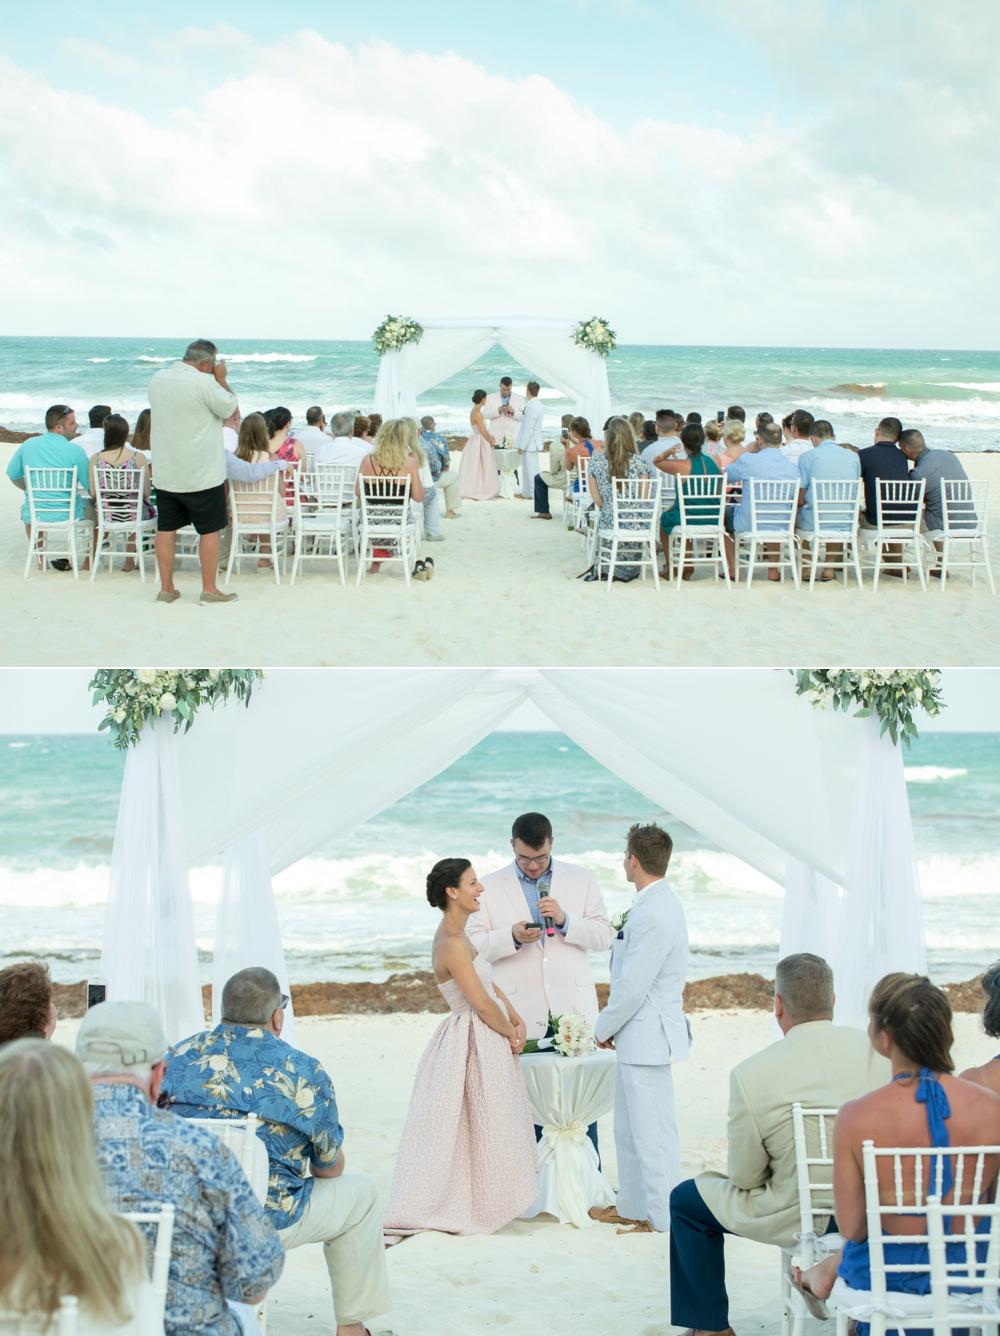 SomerbyJonesPhotography_IberostarGrandHotelParaiso_Mexico_Wedding_0025.jpg